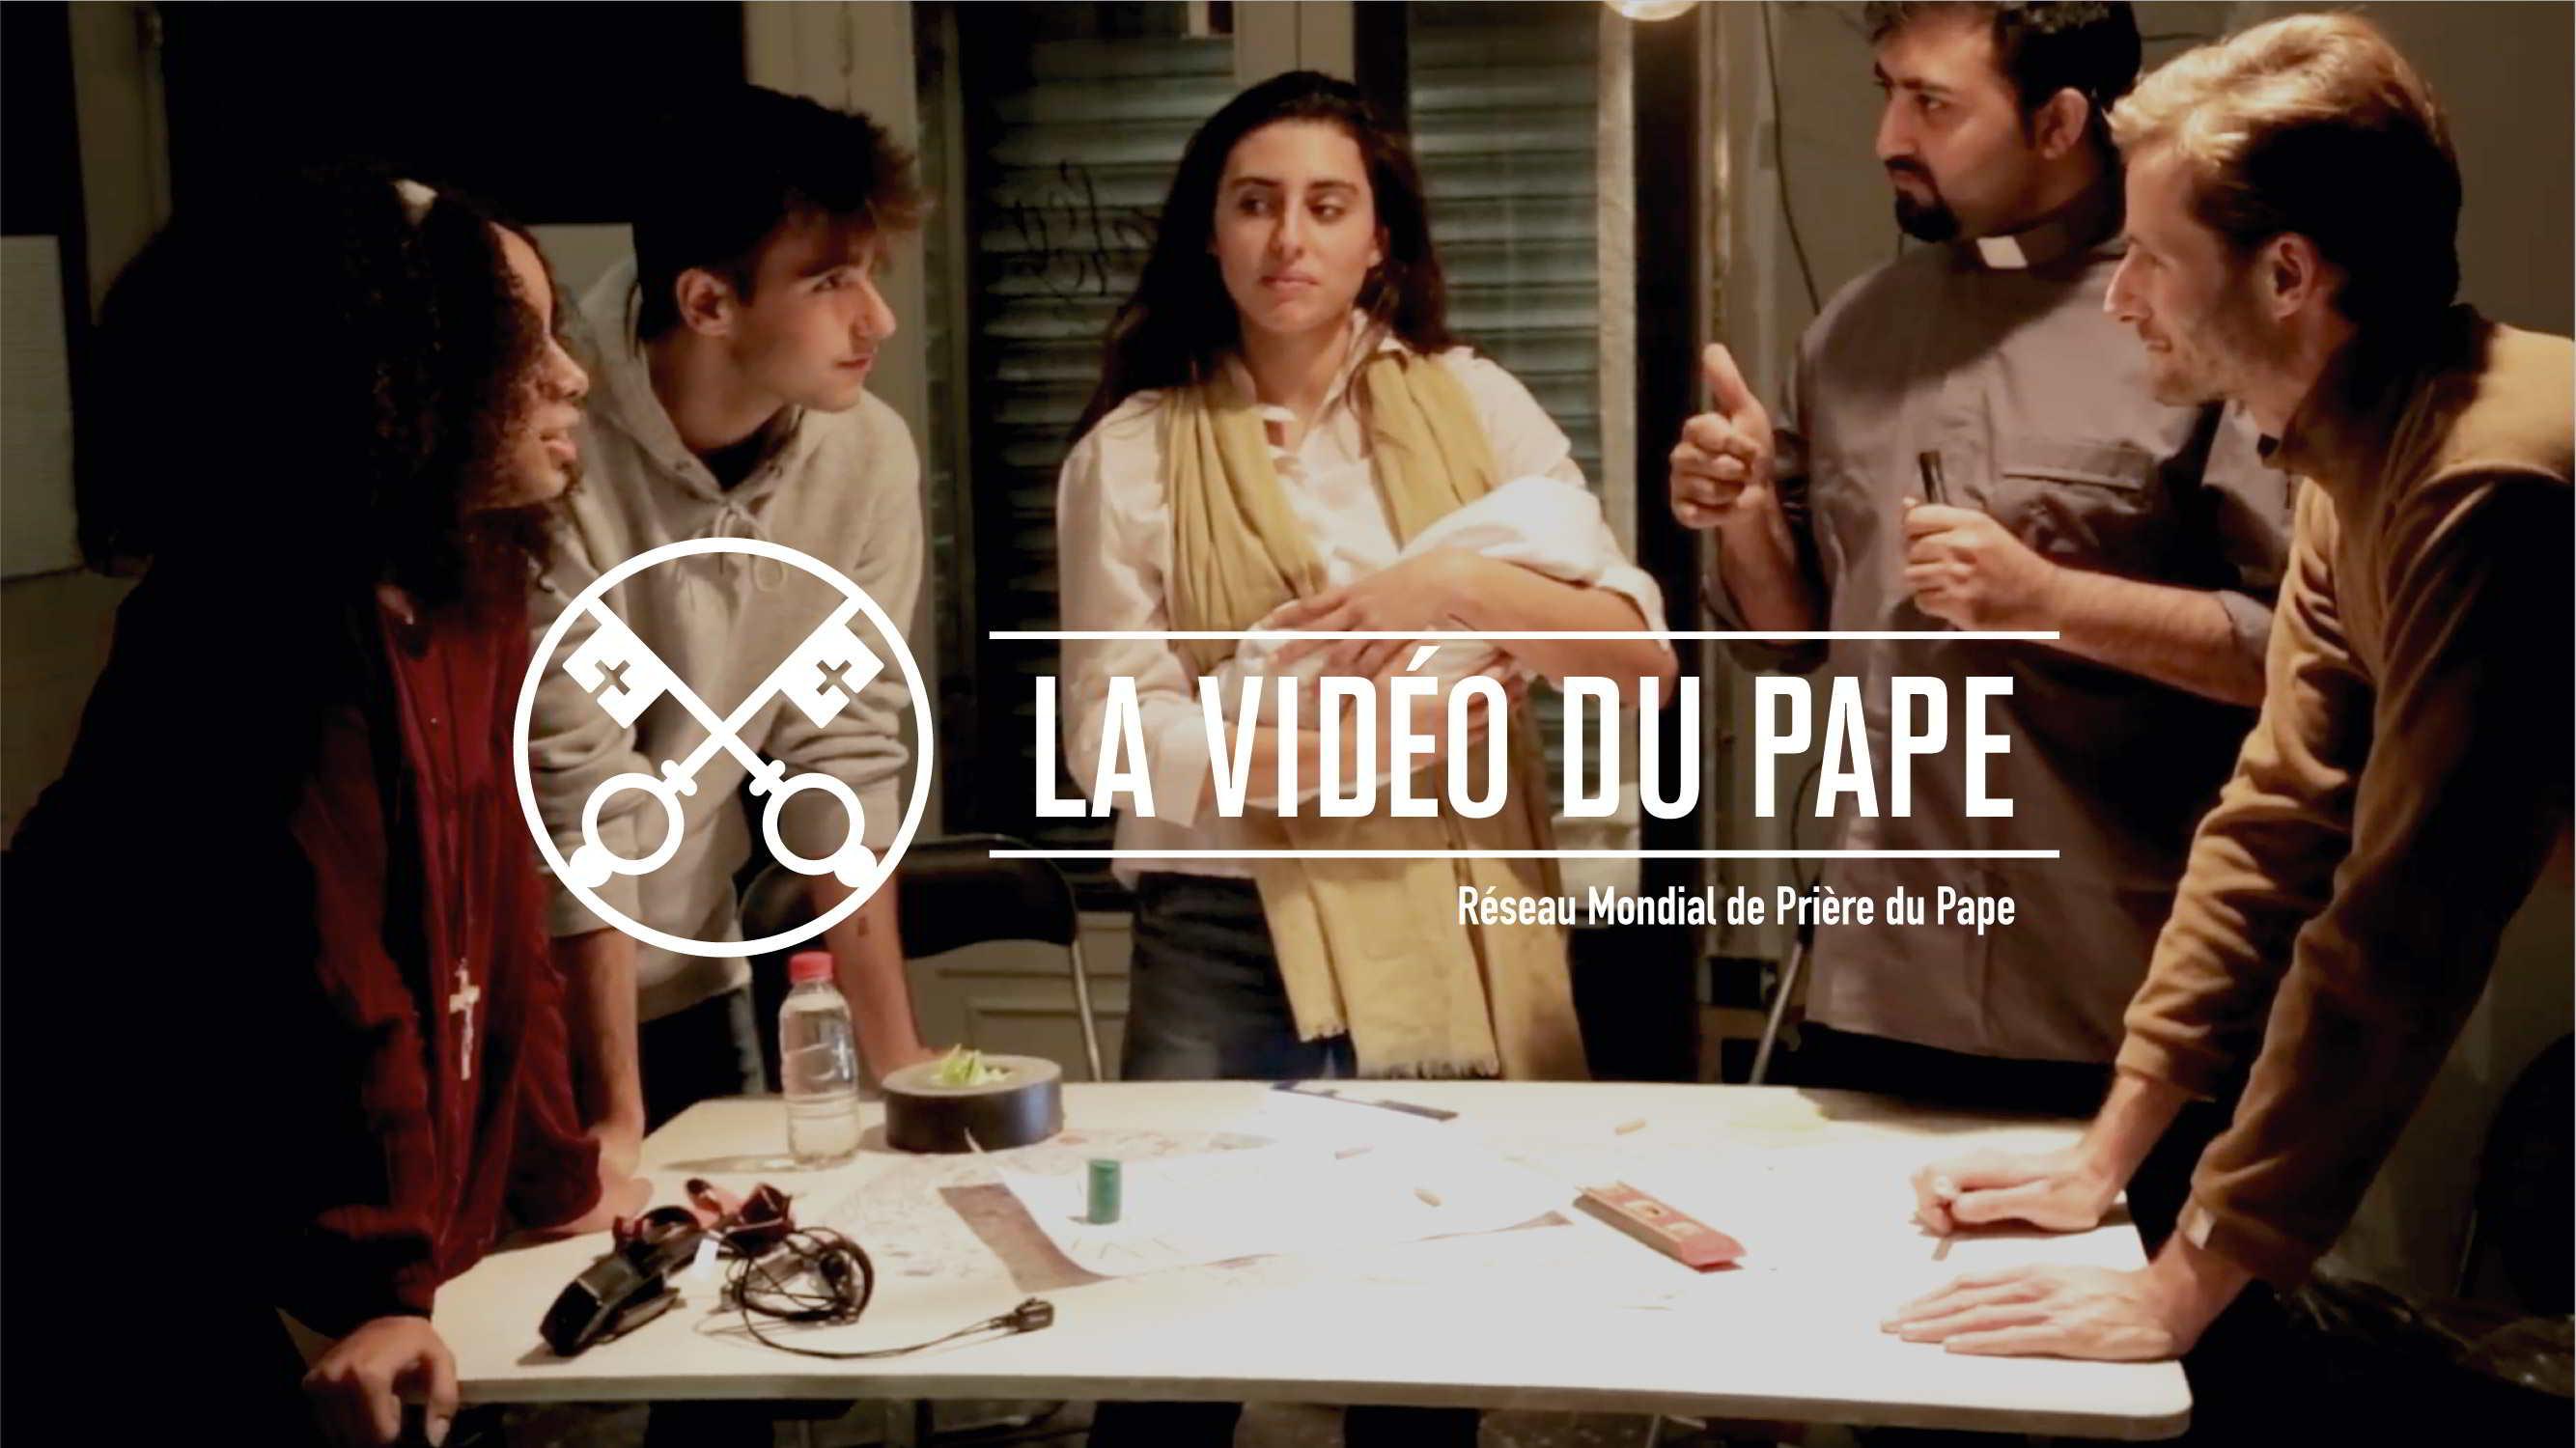 Official-Image-TPV-12-2018-–-5-FR–-La-Video-du-Pape-–-Au-service-de-la-transmission-de-la-foi